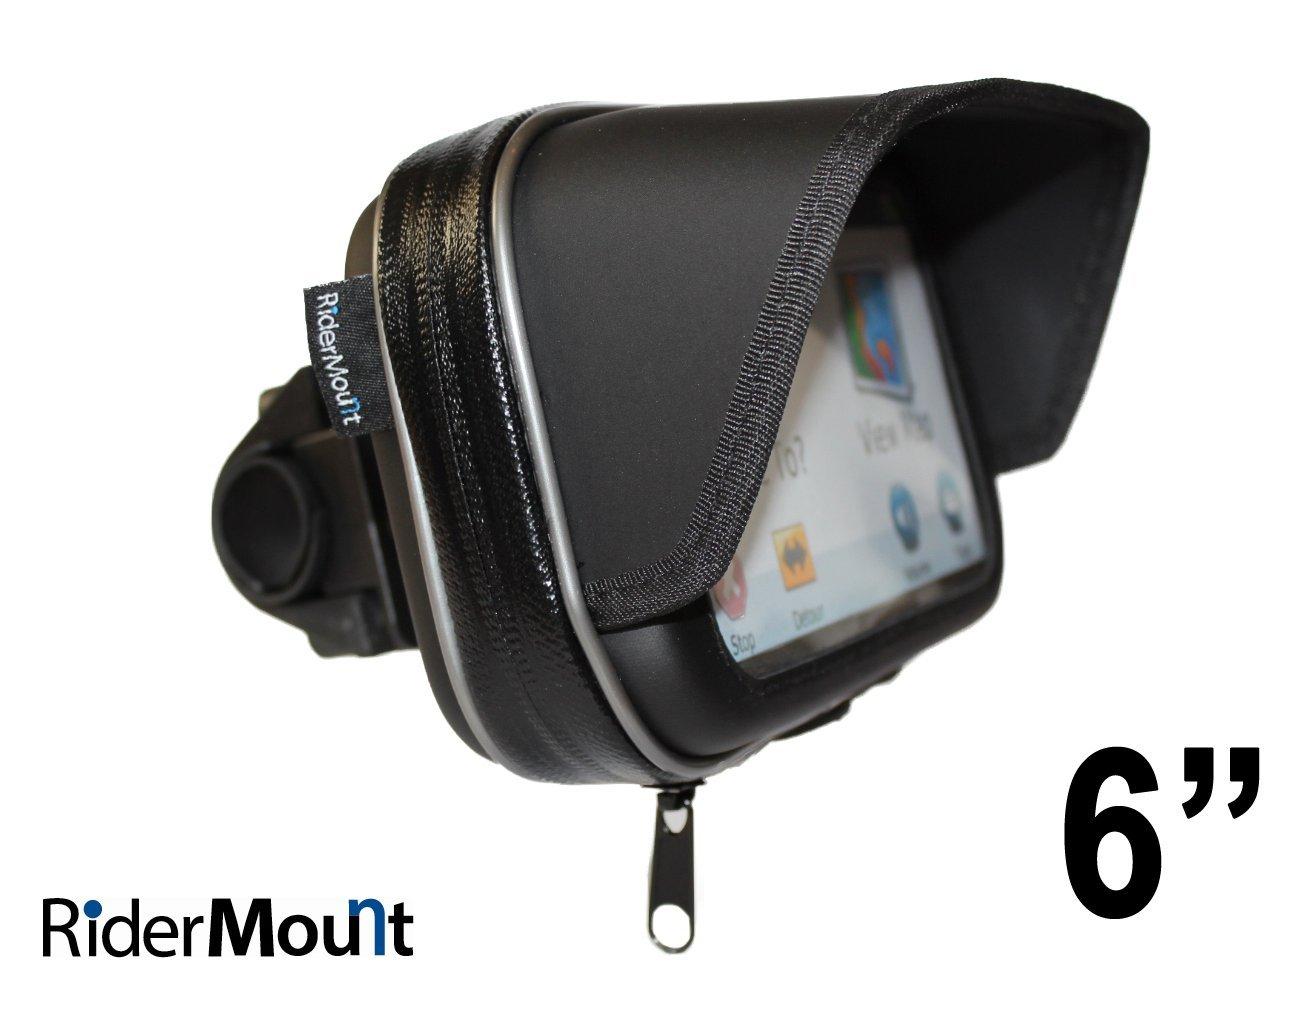 Buy RiderMount waterproof Sunshade 6